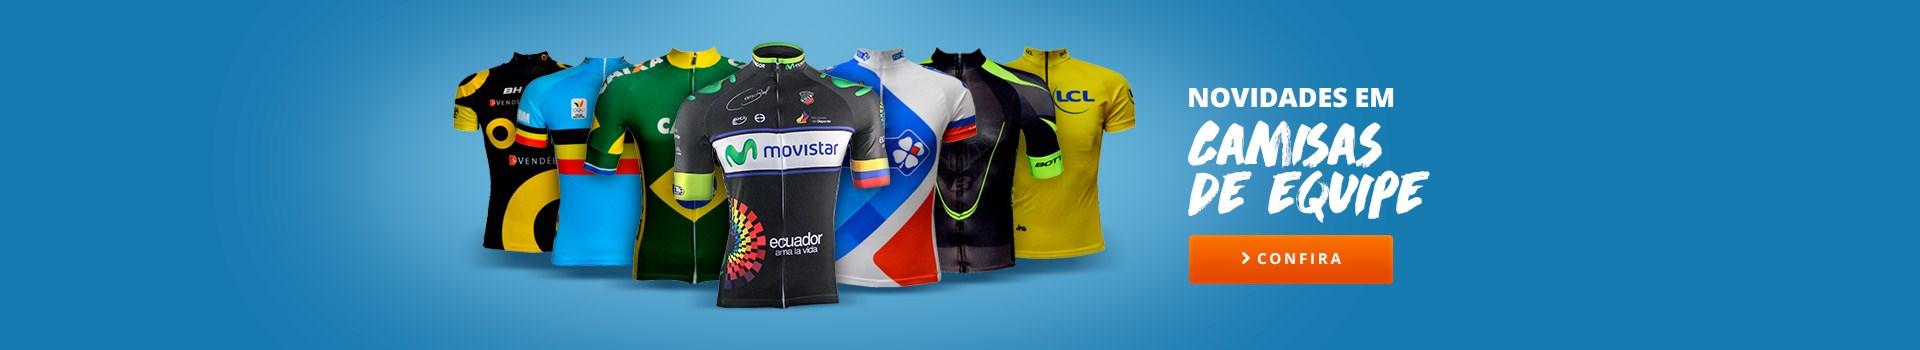 Camisas de ciclismo de Equipe